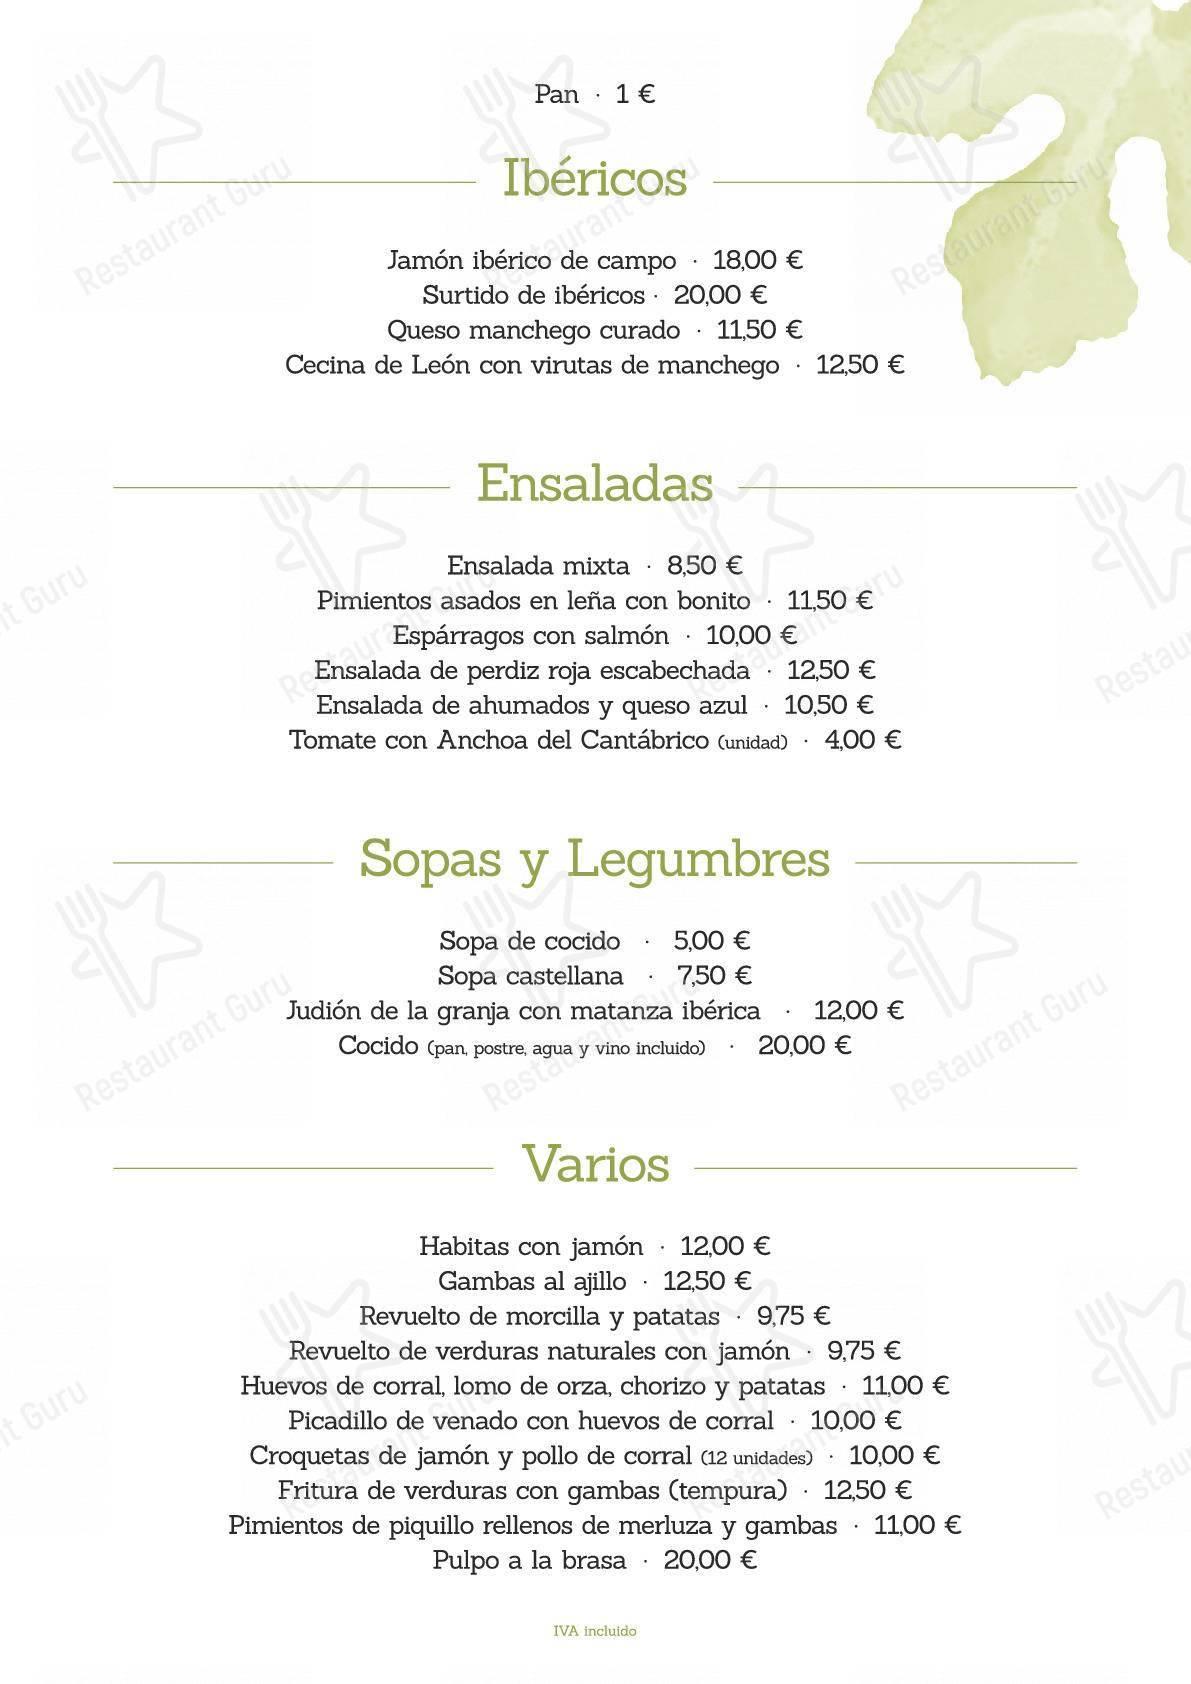 La Higuera de José menu - dishes and beverages